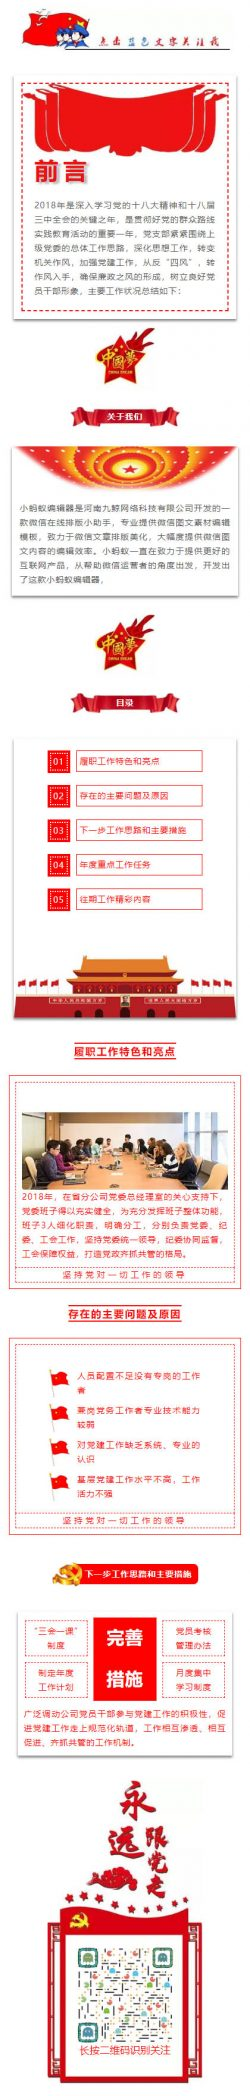 十八大精神和十八届三中全会党政红色风格国庆节建党节推文素材